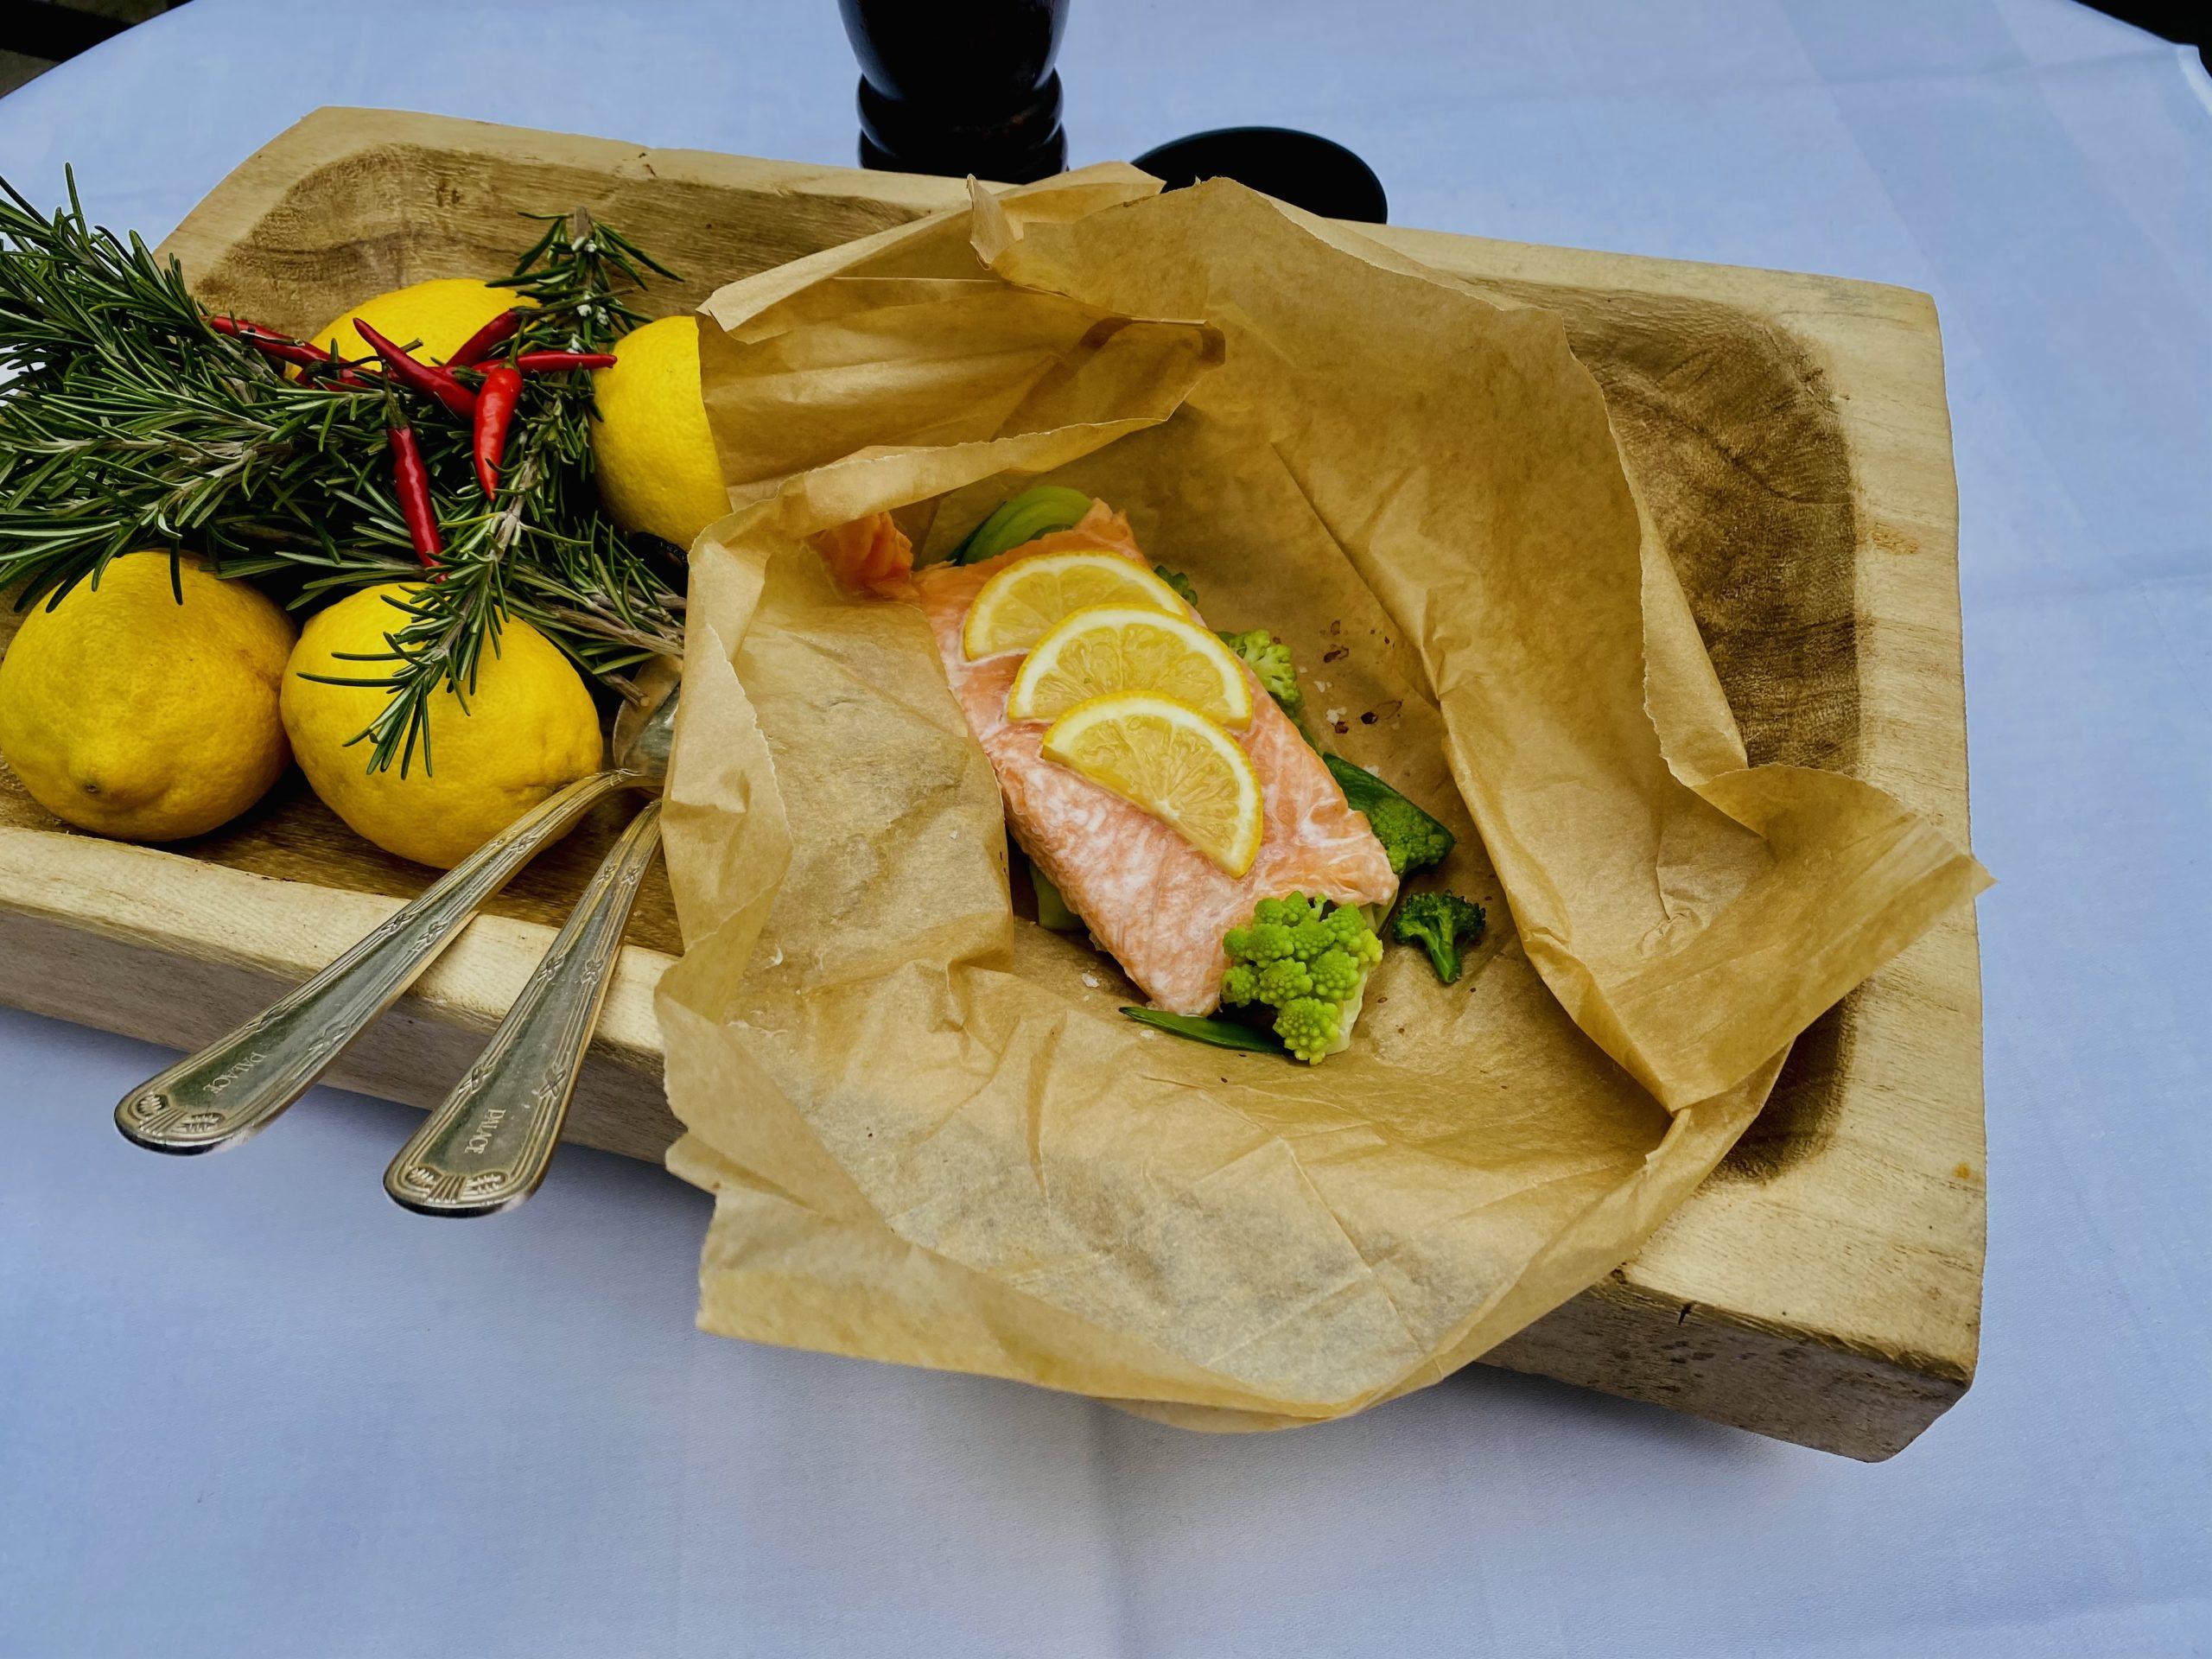 Lachs, Fisch, Fisch-Gericht, Essen, Rezept, Essen aus dem Backofen, Lachs in Pergamentpapier, Lachs mit Gemüse, Bissfest, Kochcast, Podcast, Bissfest - Der Kochcast